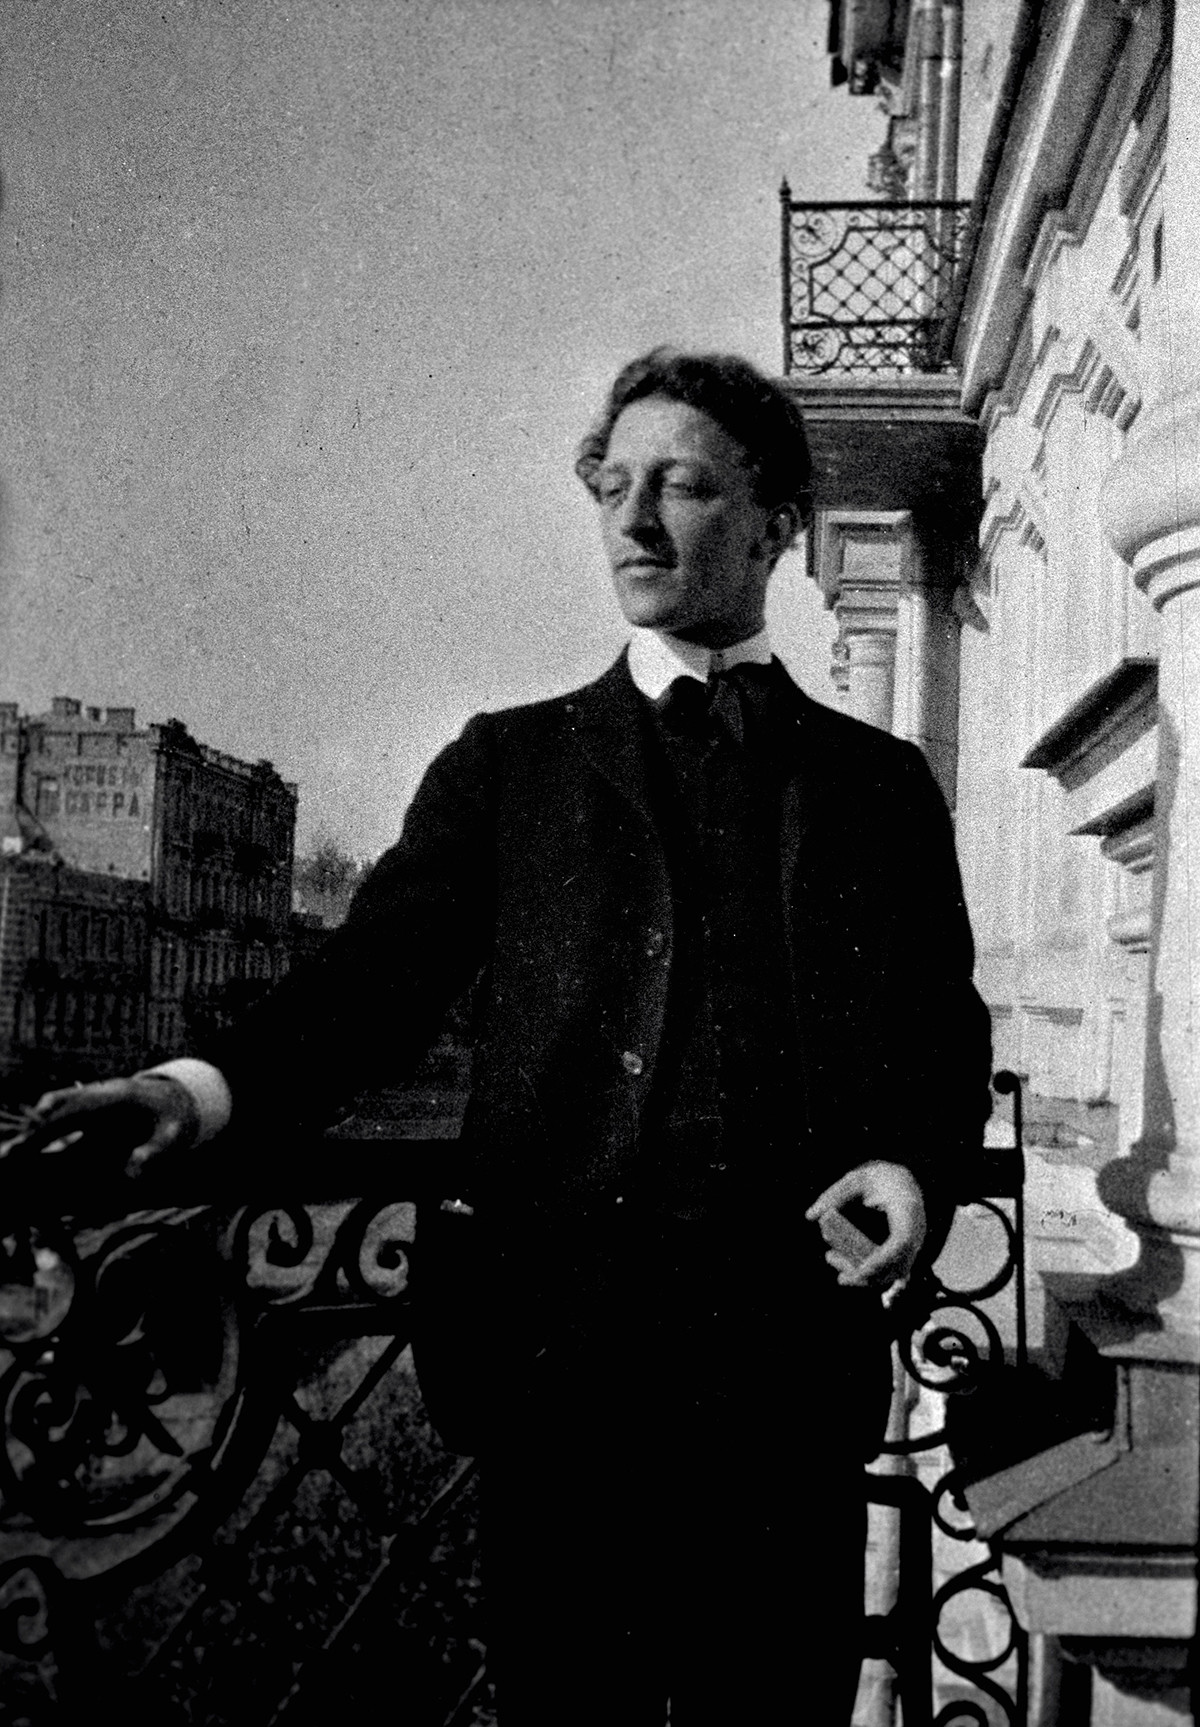 Руският поет Александър Блок (1880-1921)